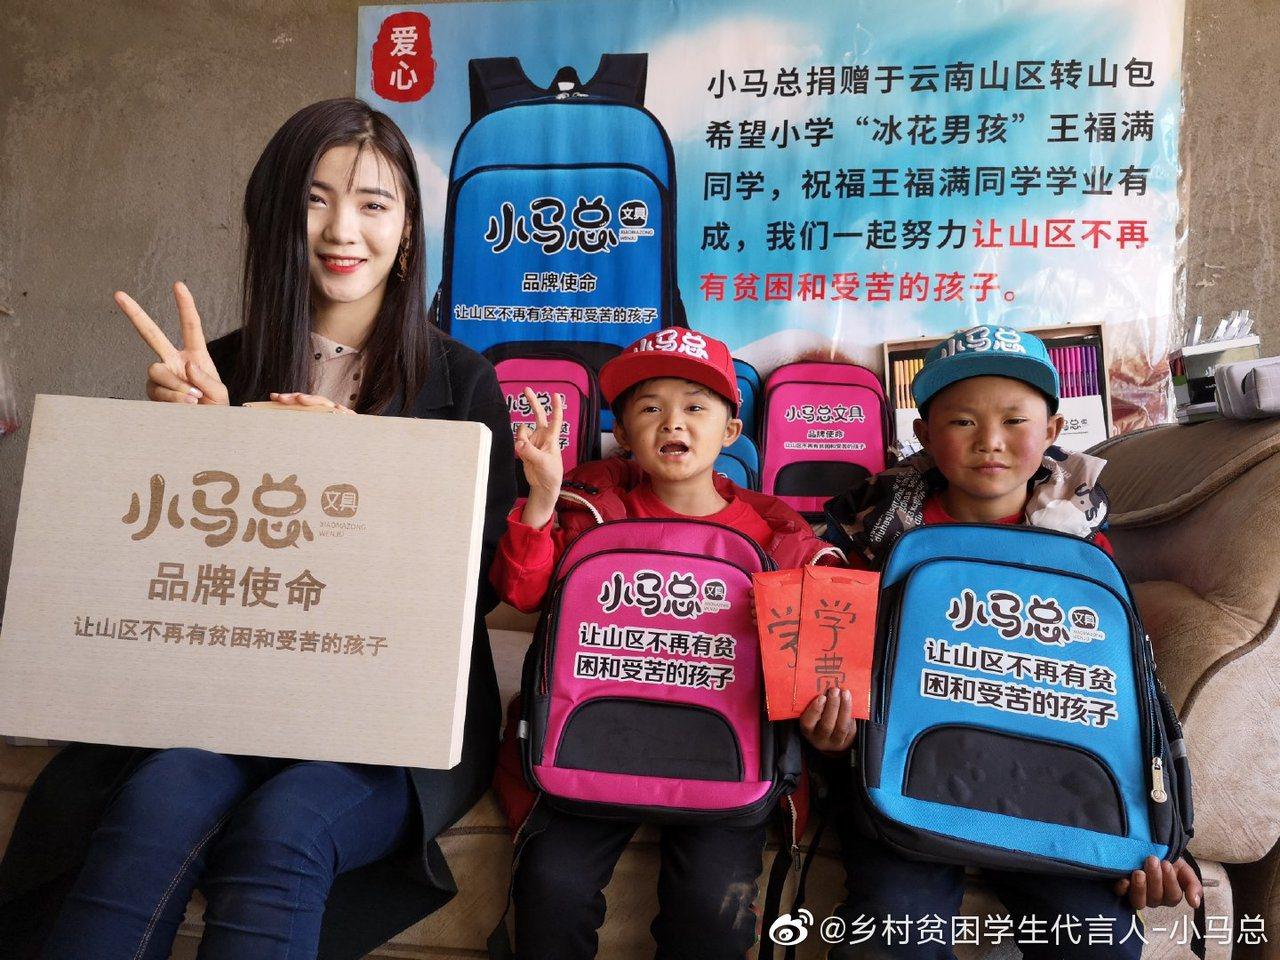 「小馬雲」的加速人生--因長得像馬雲成「網紅」 已在校上學並創立品牌 蘇妍鳳